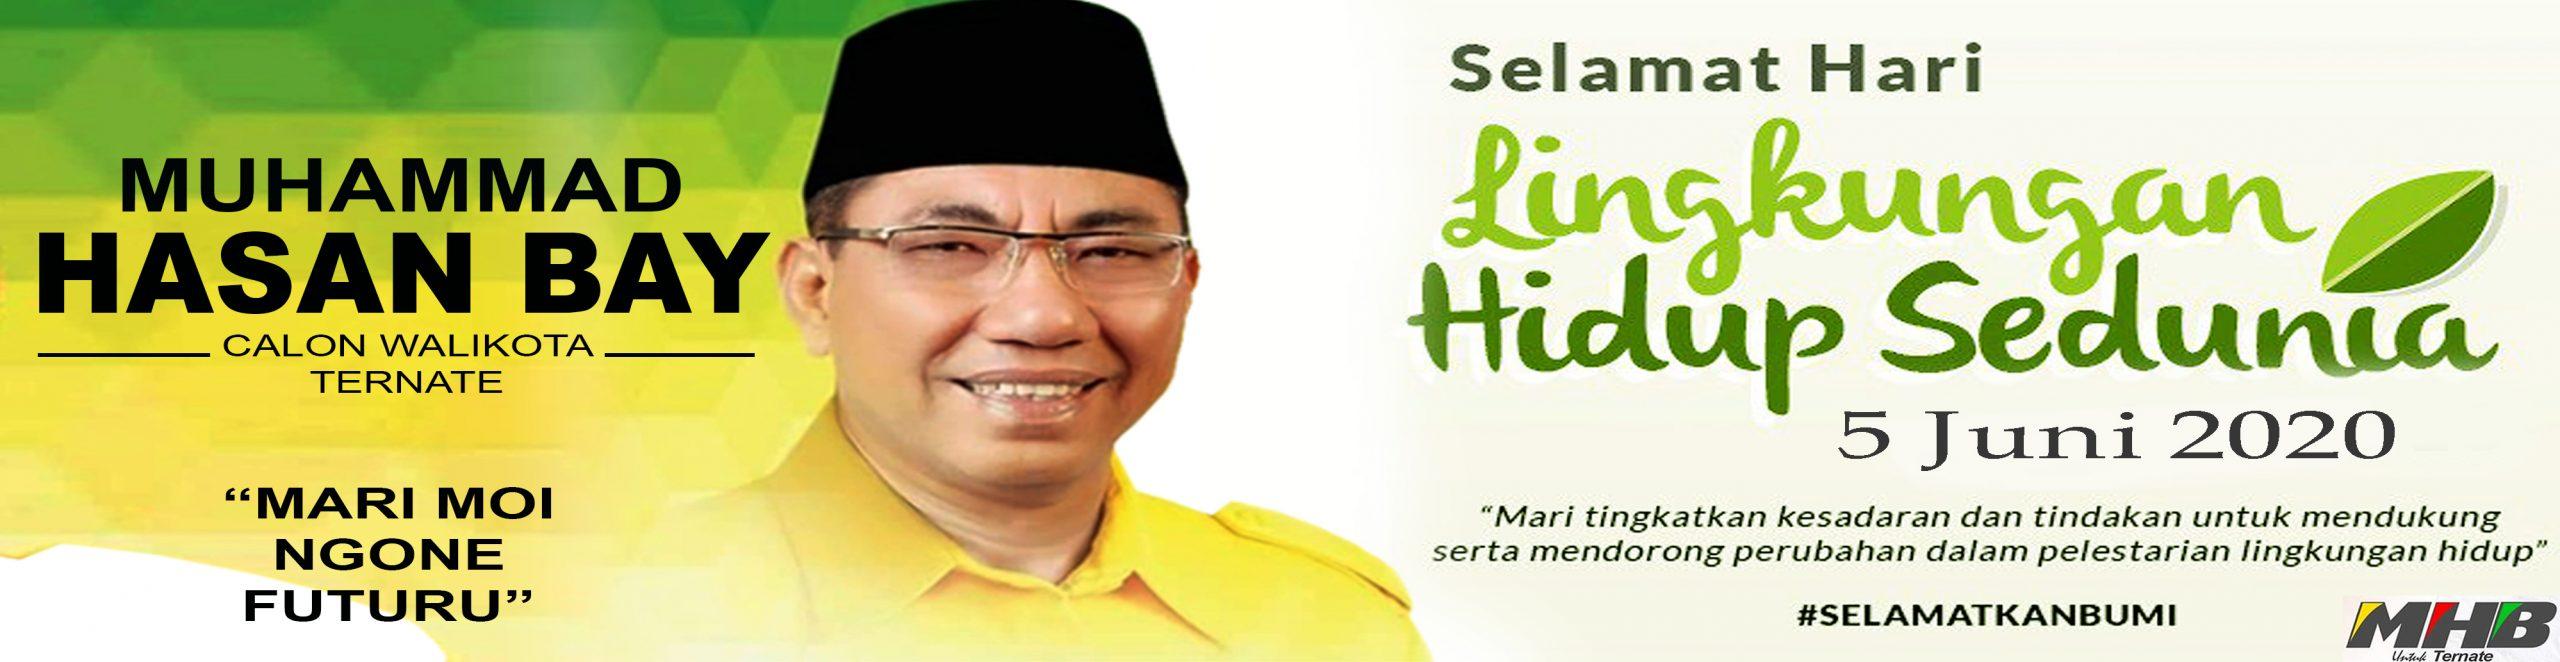 Link Banner